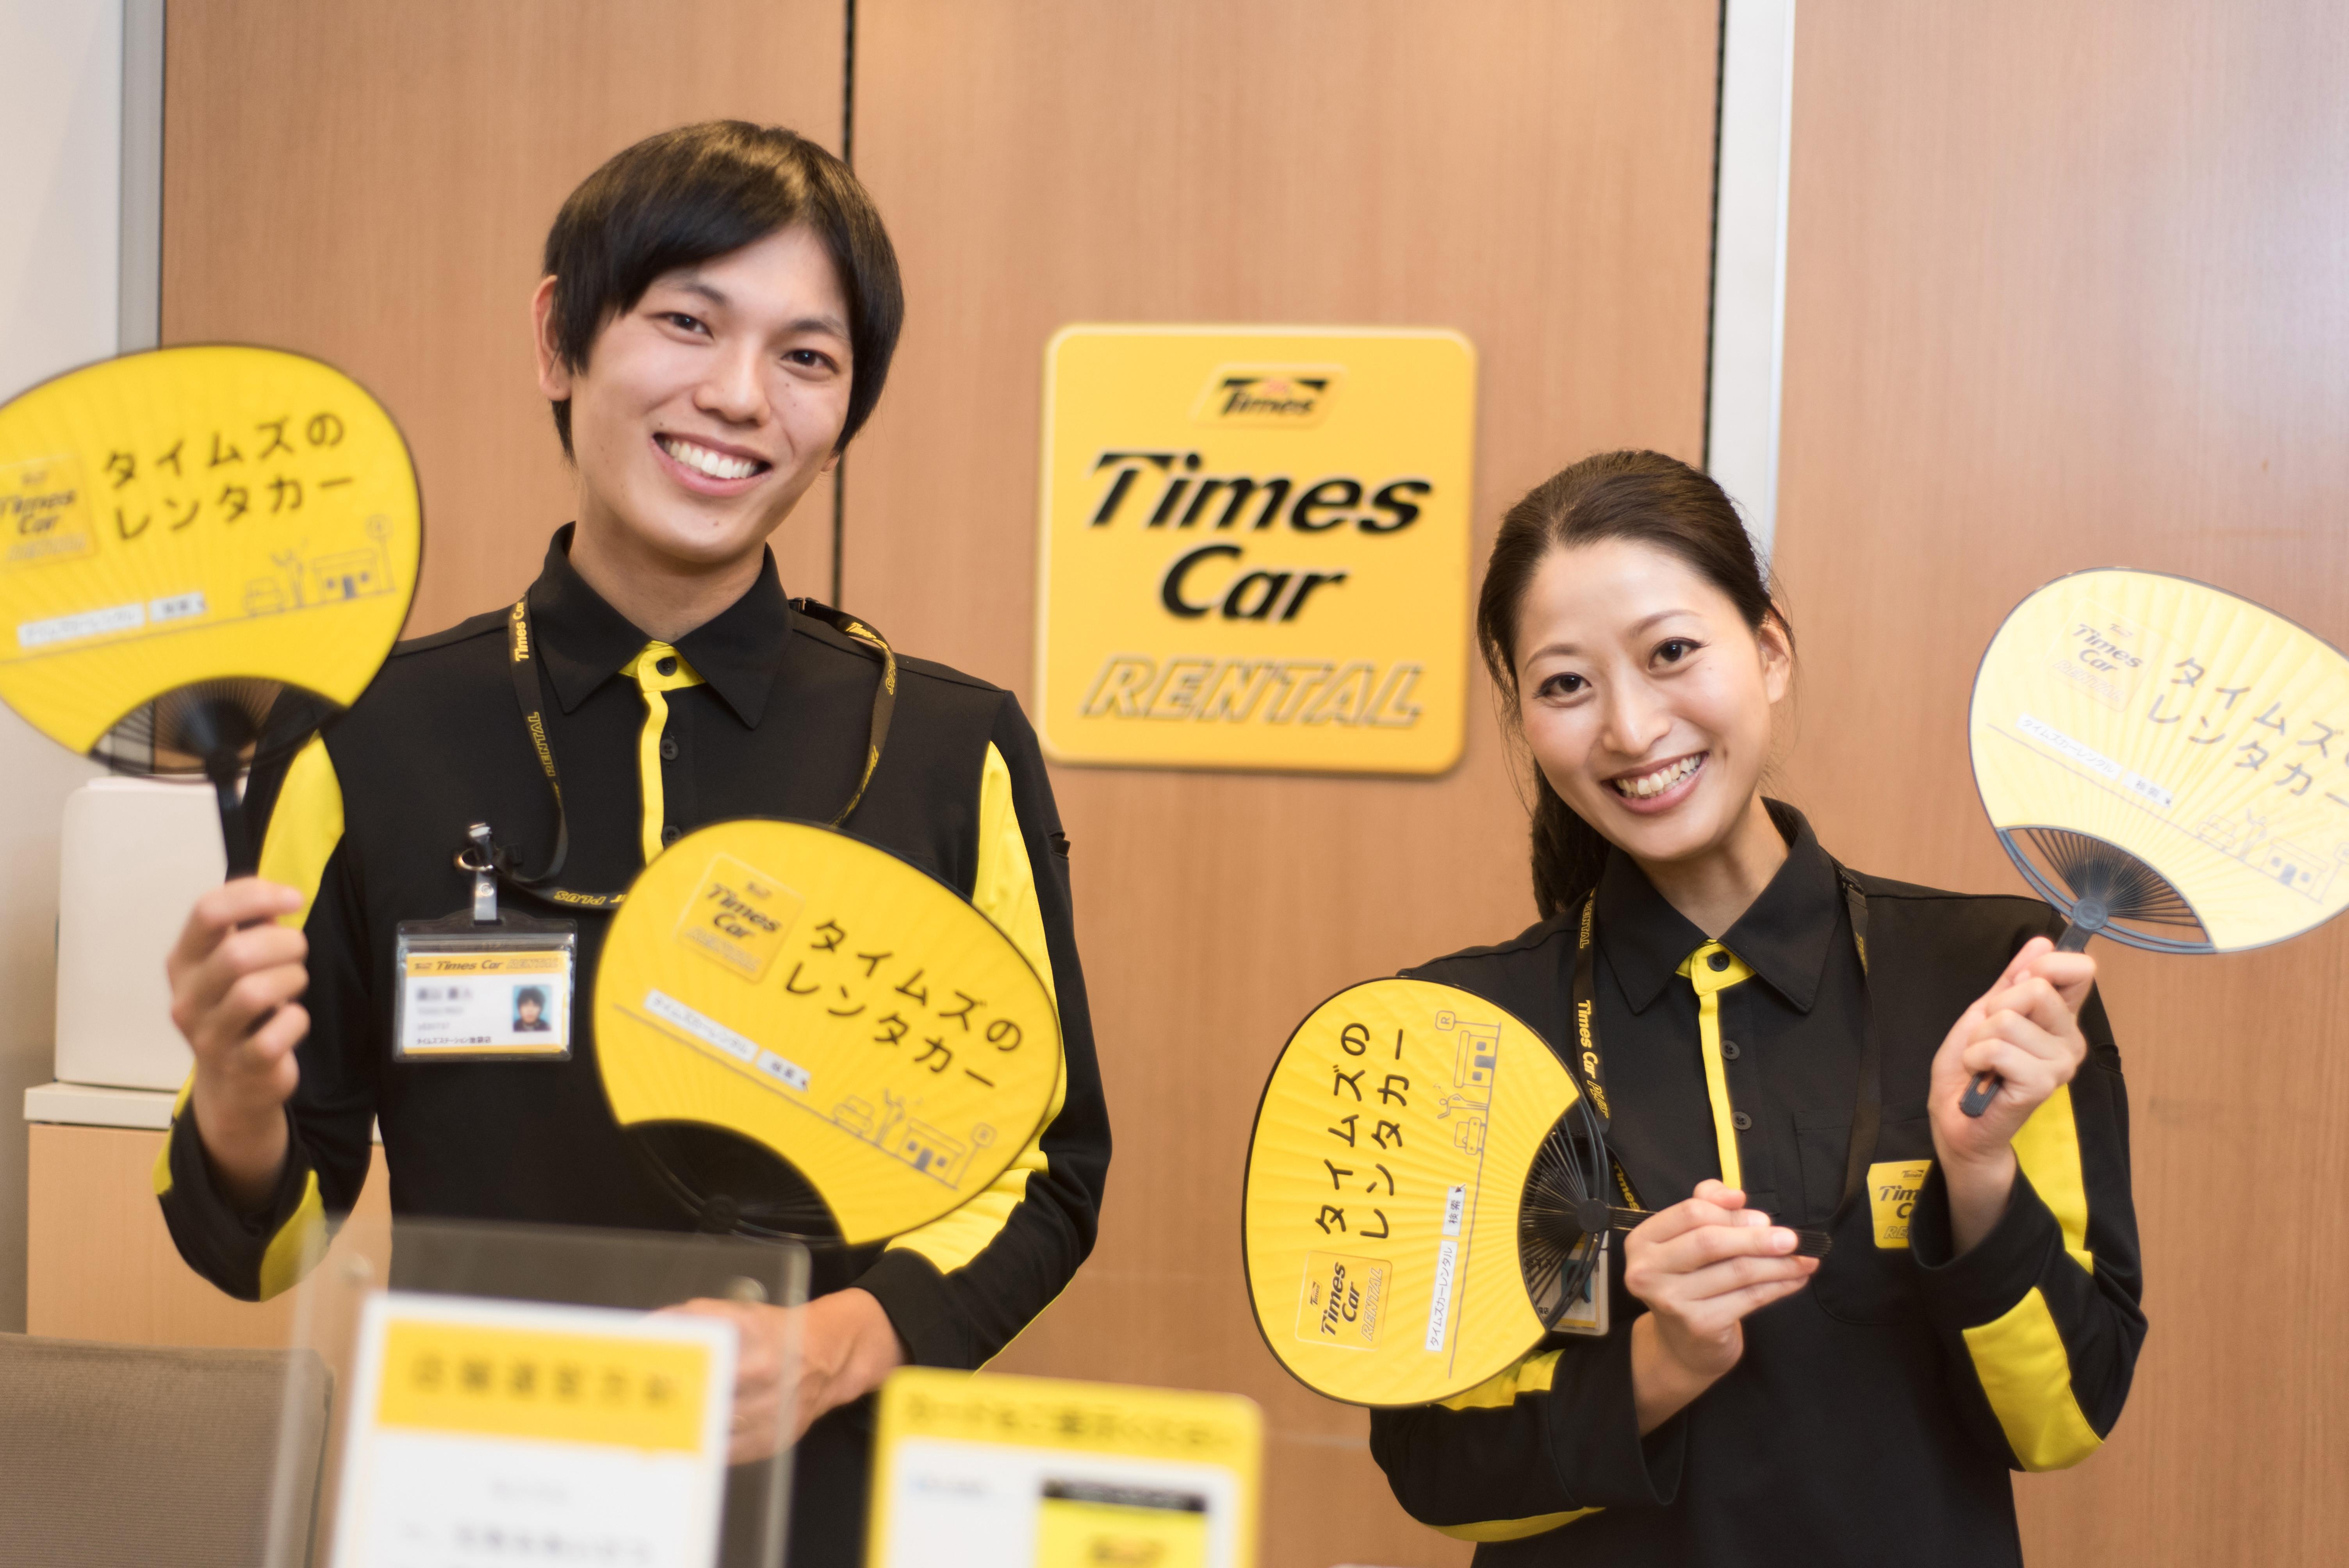 タイムズカーレンタル 呉駅前店 フルタイム勤務限定のアルバイト情報